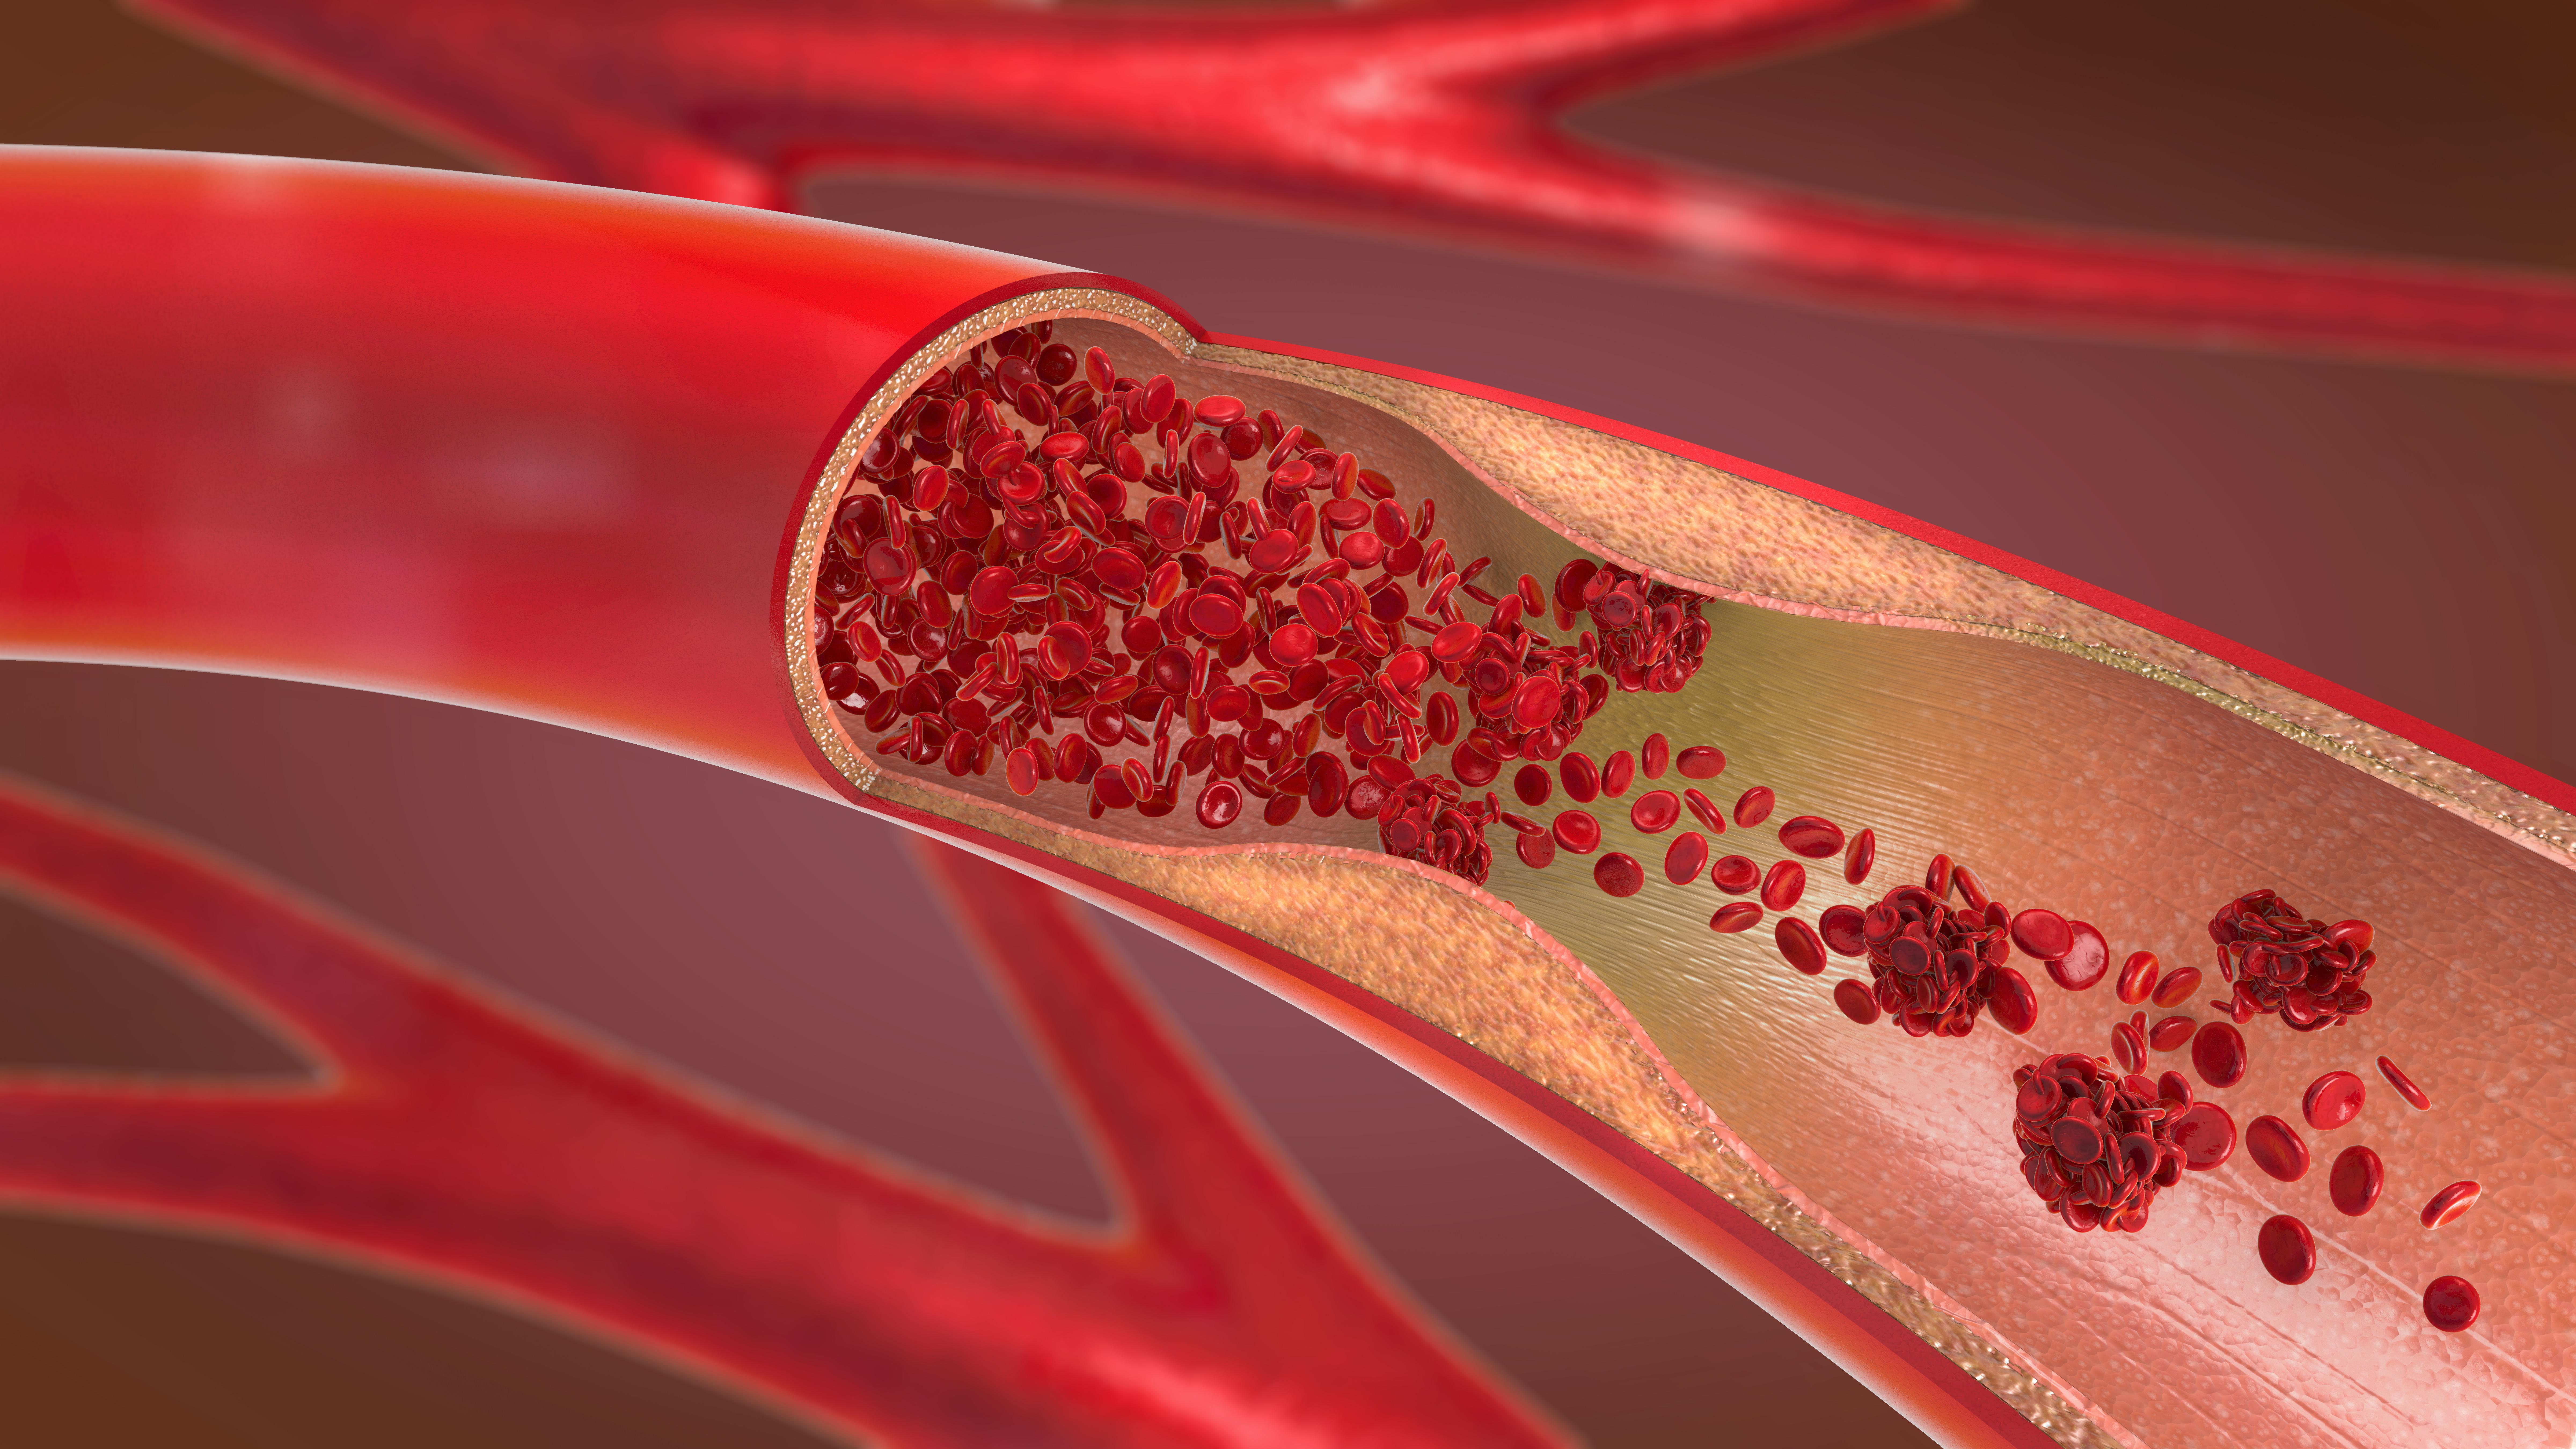 Blodpropp, venös trombos, är en vanlig och allvarlig kärlsjukdom som kan leda till förtida död.